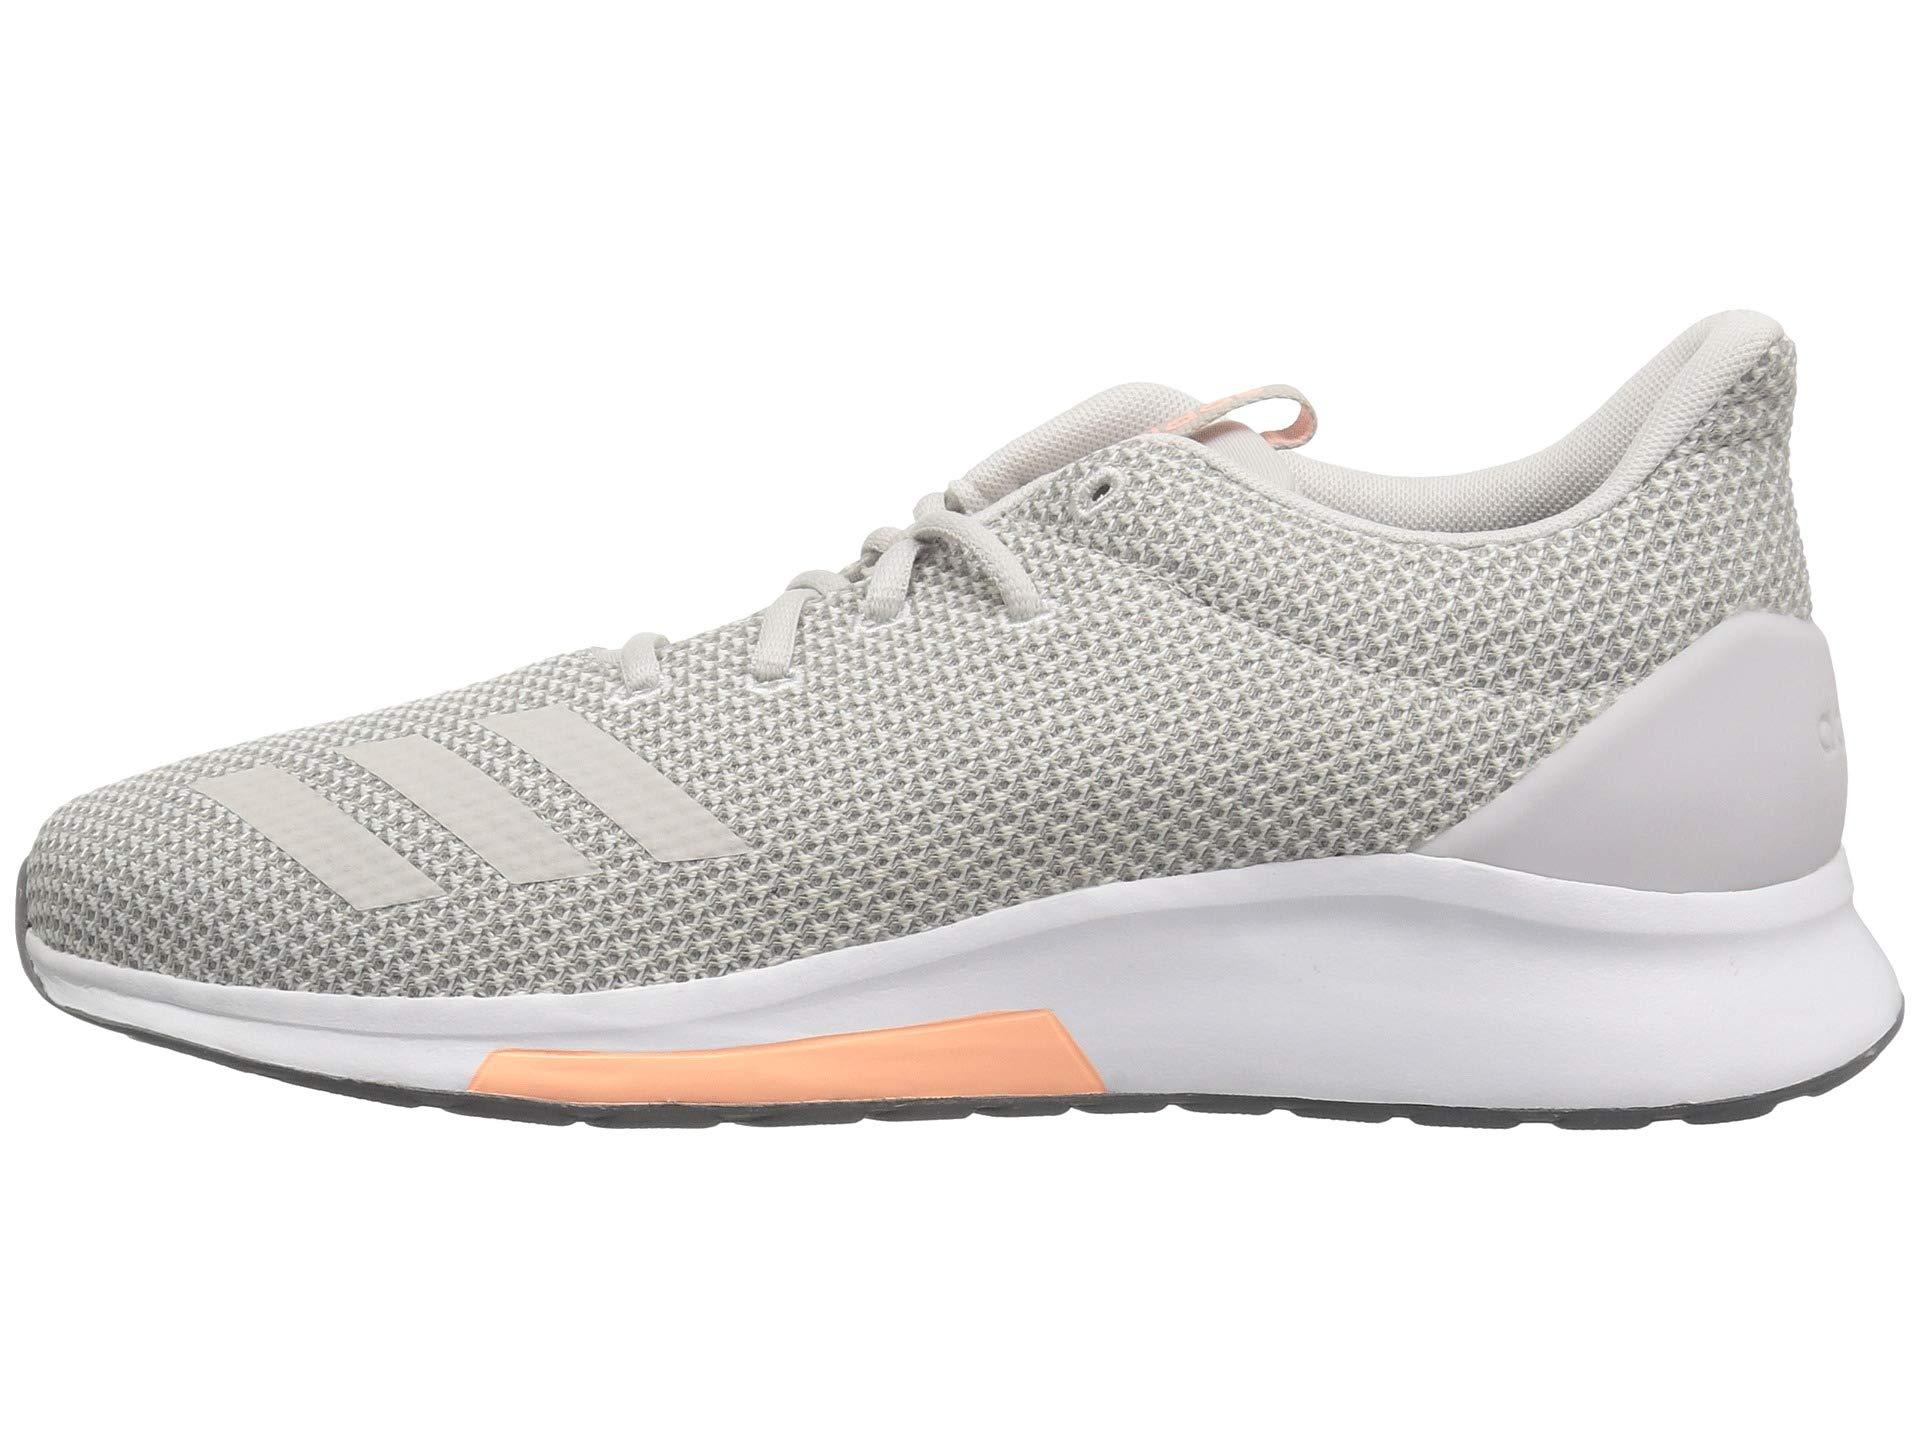 Two Adidas Puremotion grey clear Running Orange One Grey qTTr8t